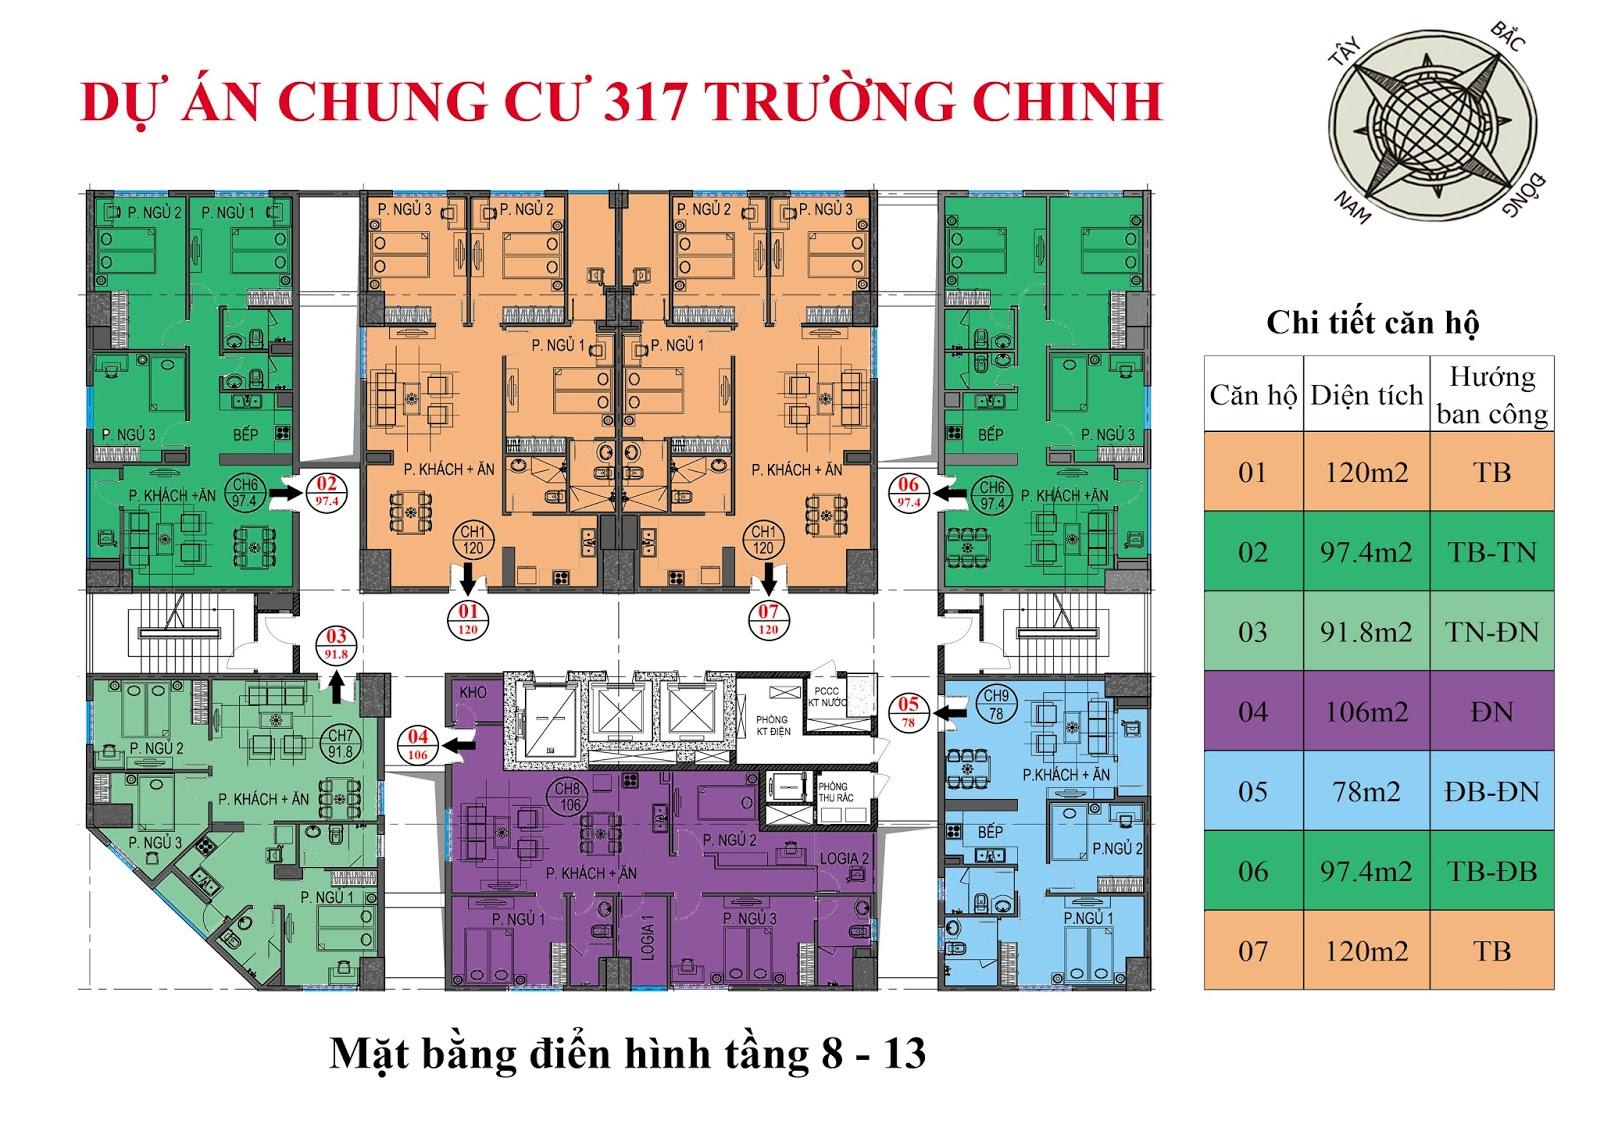 mat-bang-tang-8-13-chung-cu-317-truong-chinh